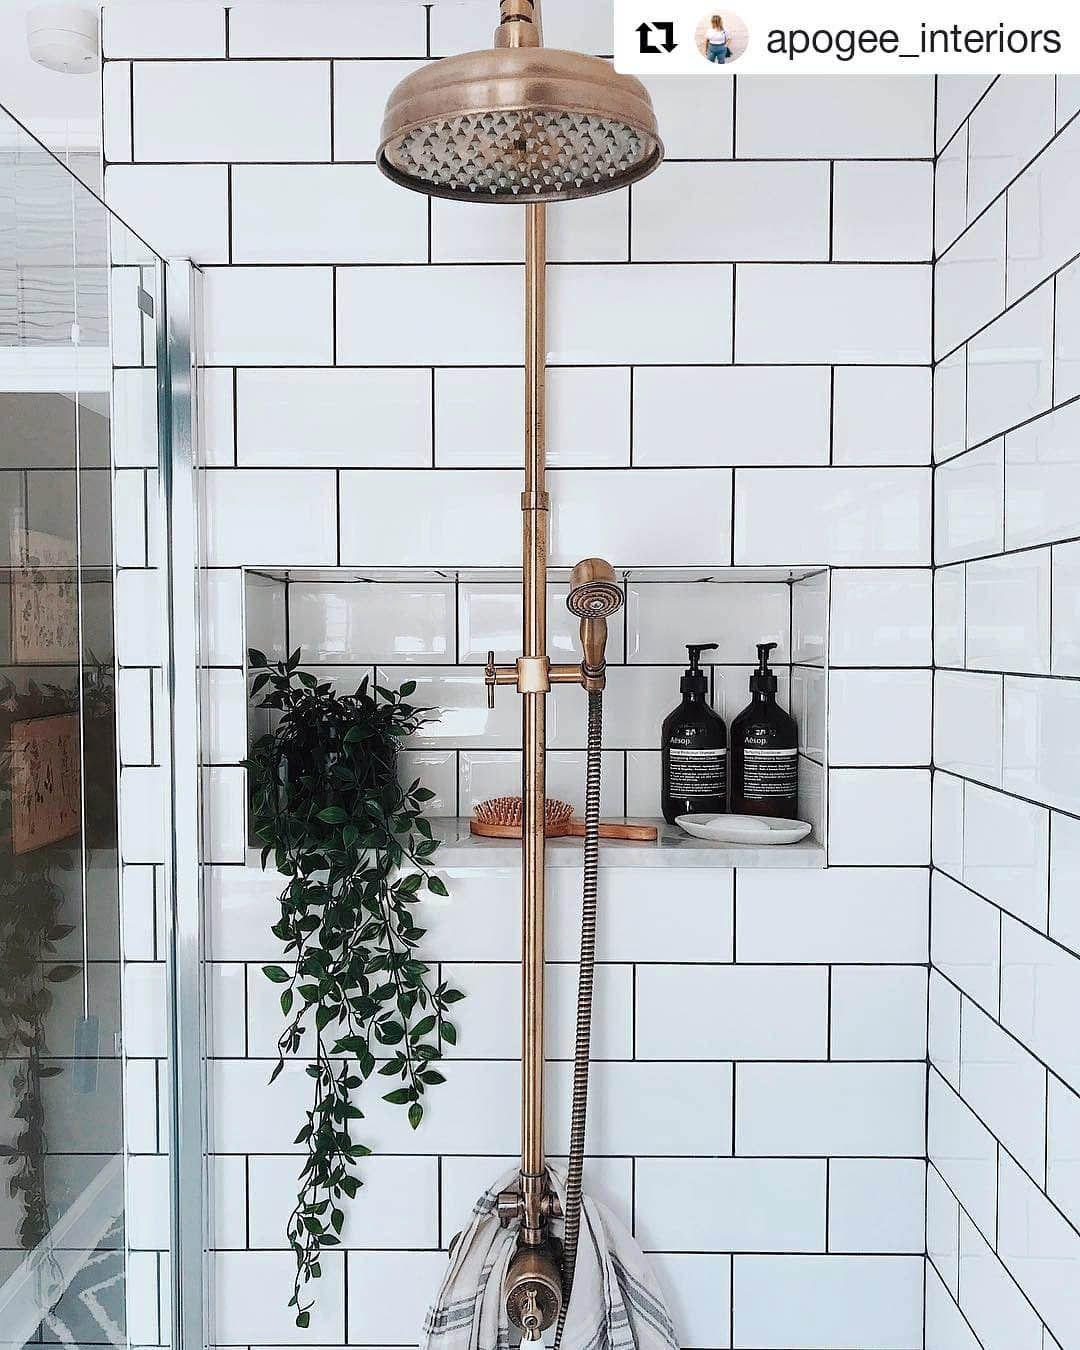 Crazy Tiny Bathroom Decorating Ideas Pinterest To Refresh Your Home Small Bathroom Decor Home Decor Inspiration House Interior